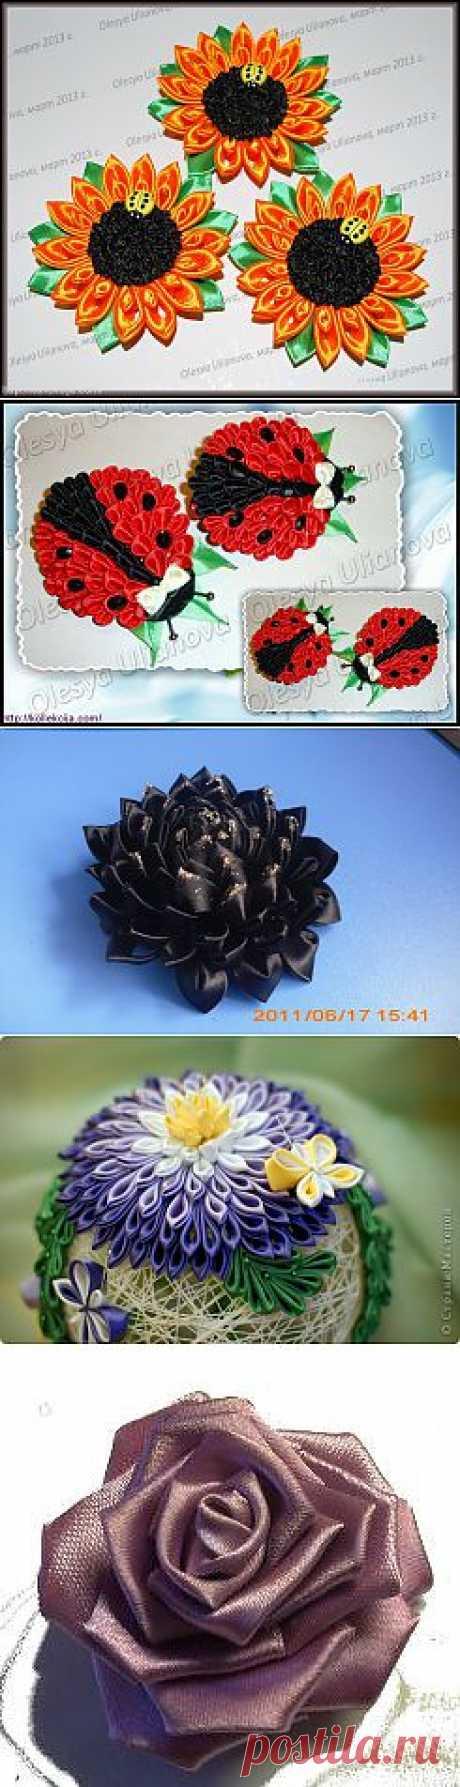 Канзаши.Цветы из капрона. | Записи в рубрике Канзаши.Цветы из капрона. | Дневник Сахарина